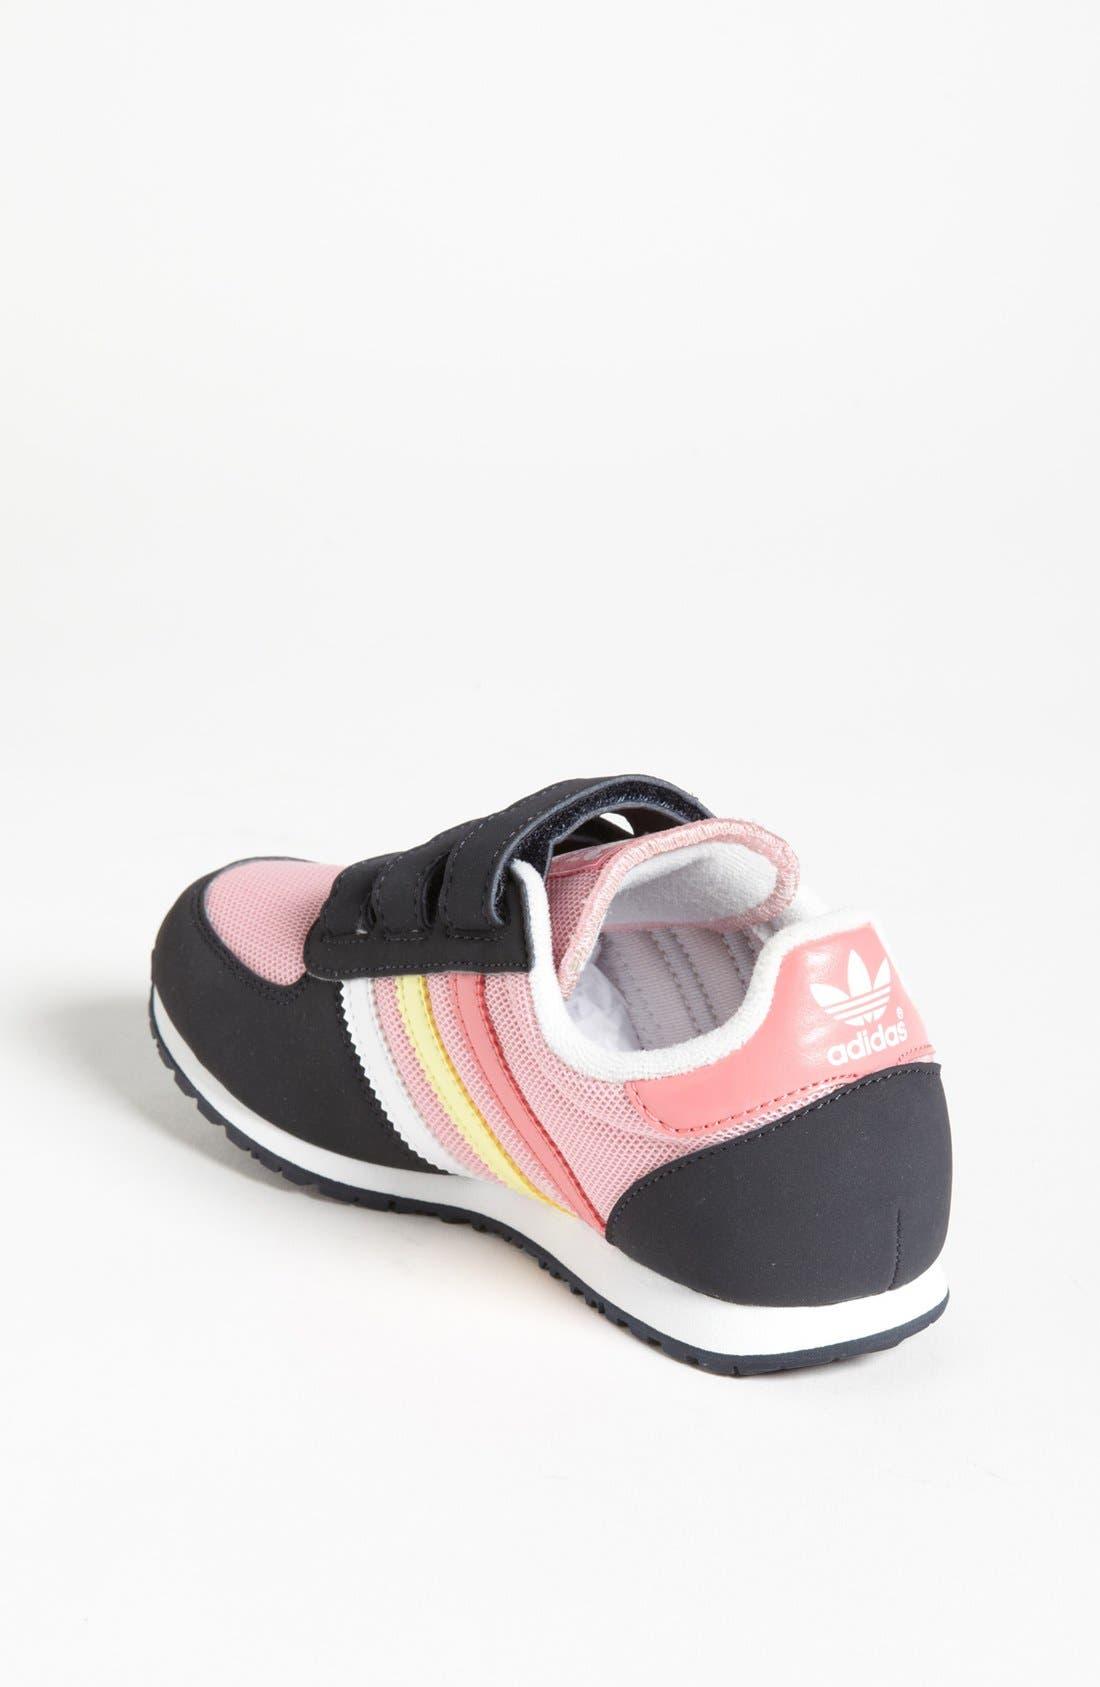 Alternate Image 2  - adidas 'adistar Racer' Sneaker (Toddler & Little Kid)